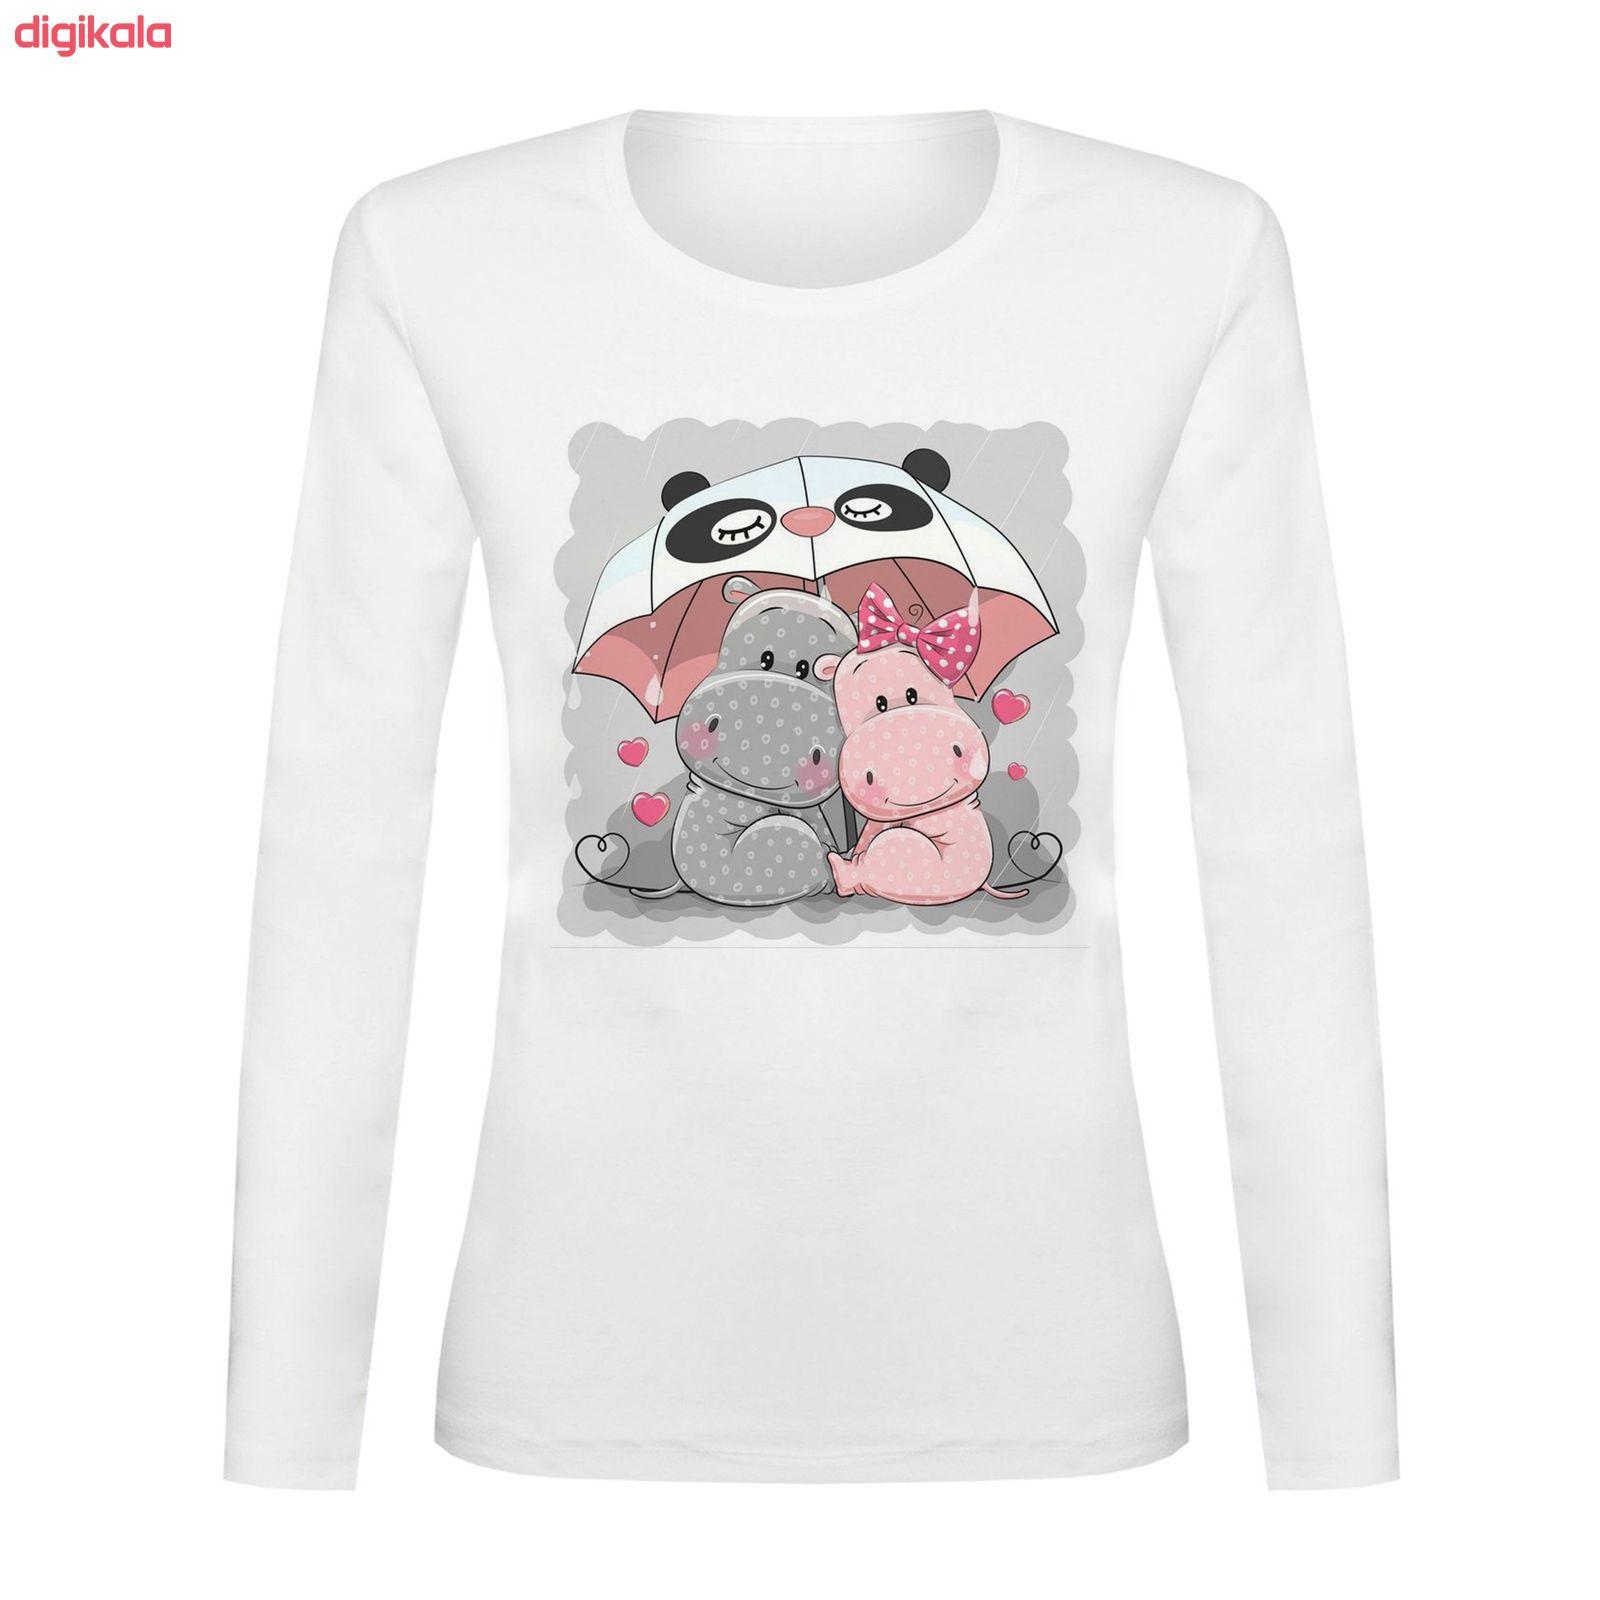 تی شرت آستین بلند زنانه کد TAB01-198